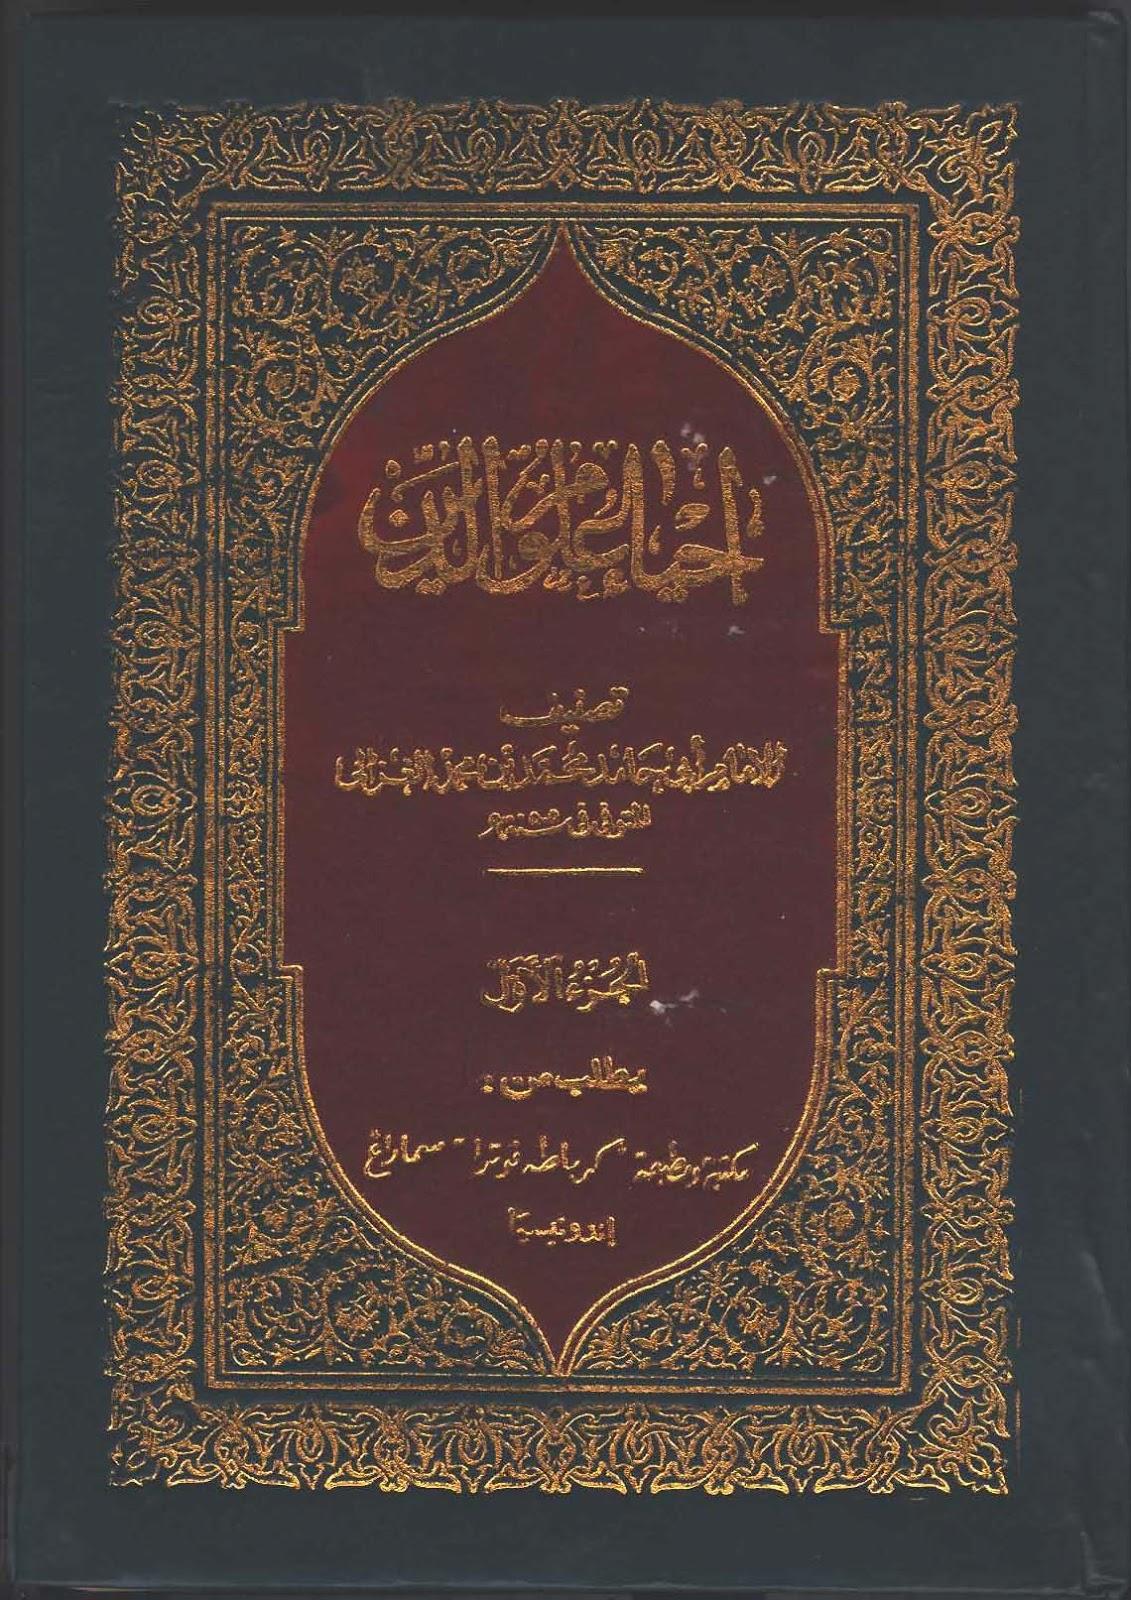 تحميل كتب حامد عبدالصمد pdf